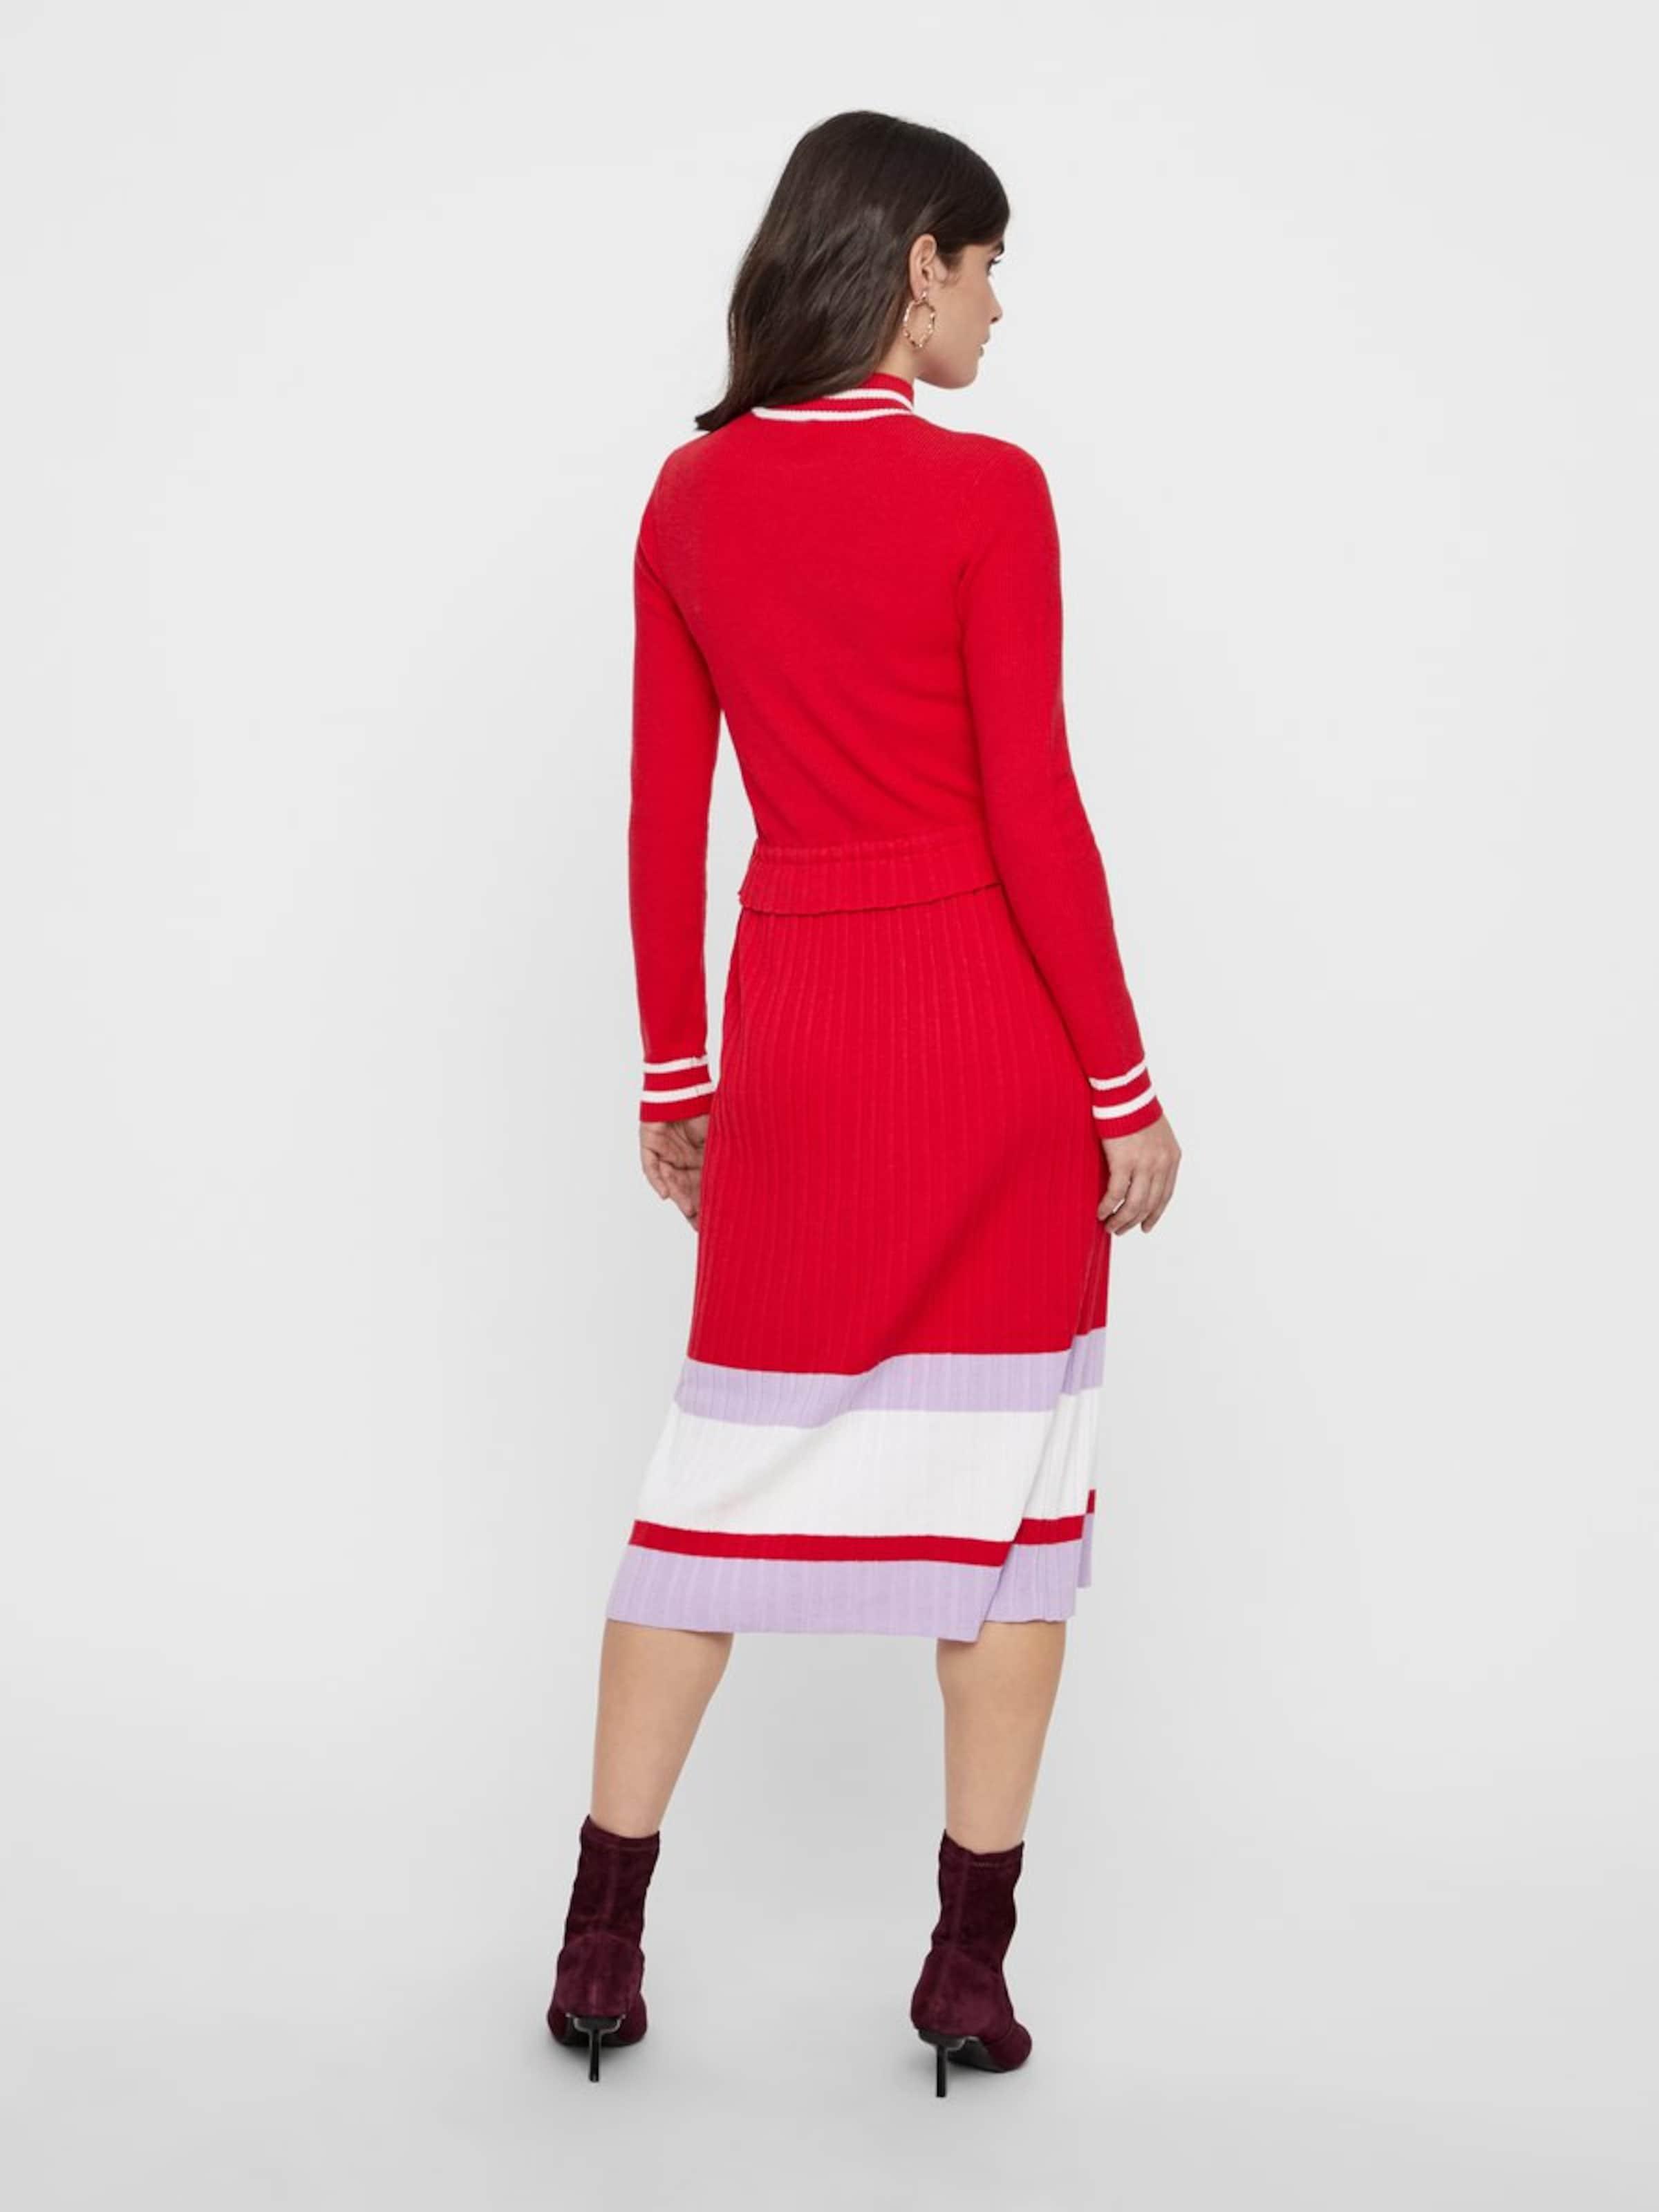 s Y Robes Blanc En Maille LilasRouge a TFJK3l1c